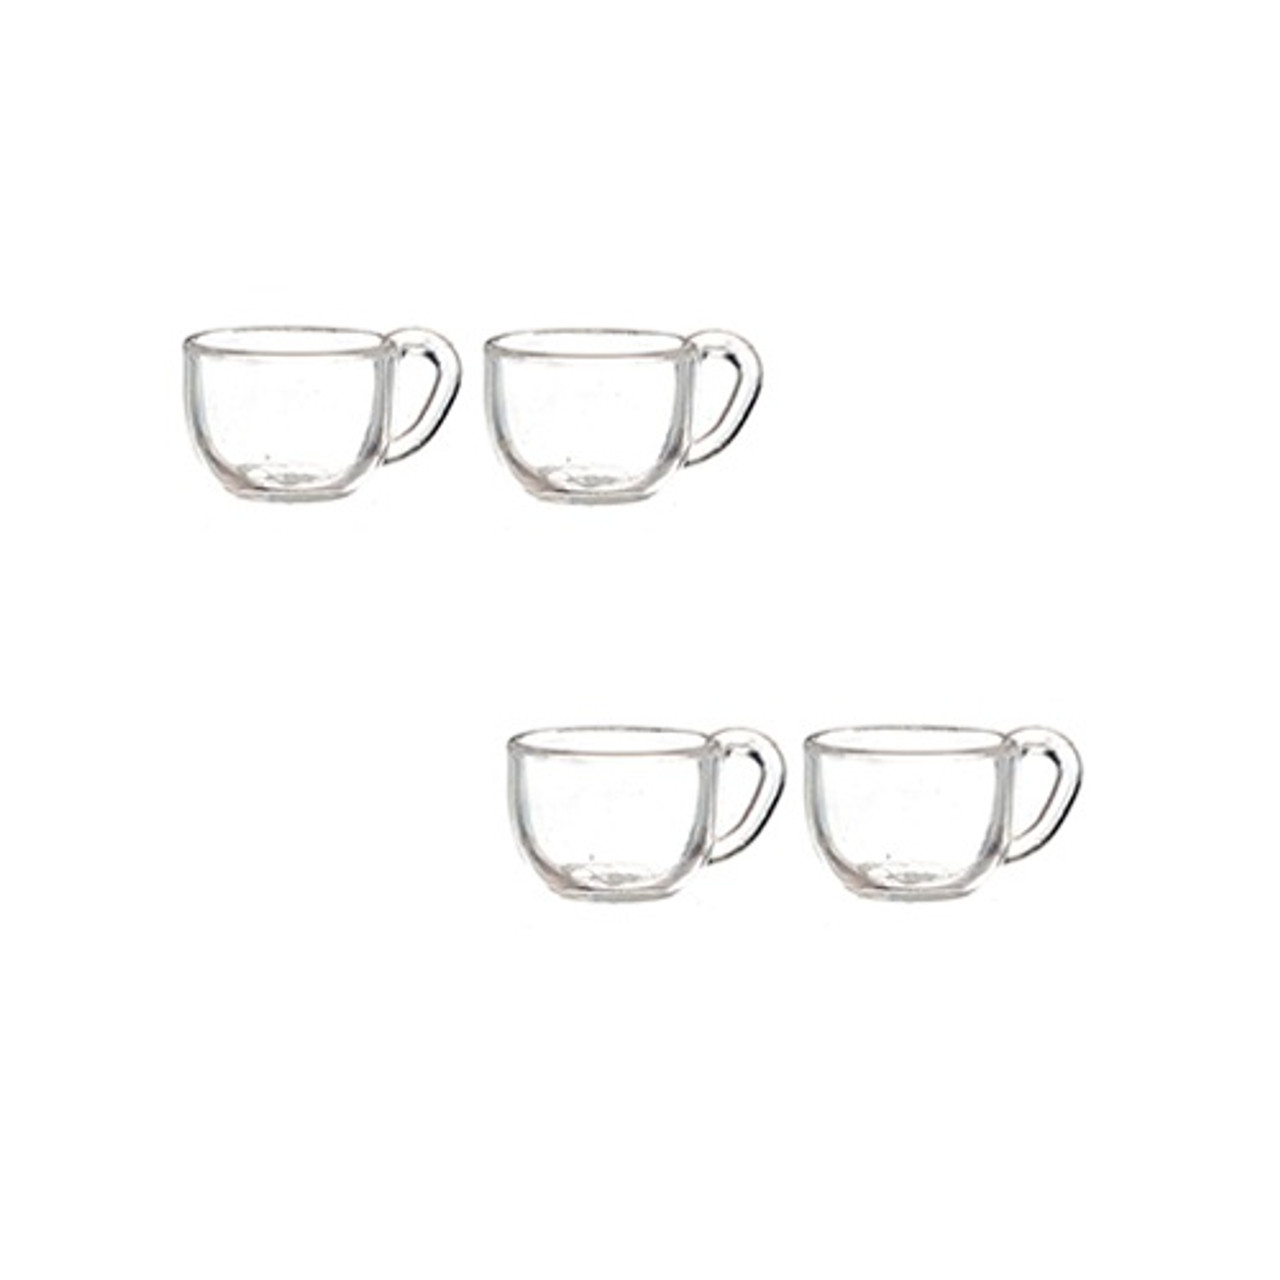 Dollhouse Miniature Wide Tea/Coffee Cups Set (AZG7318)